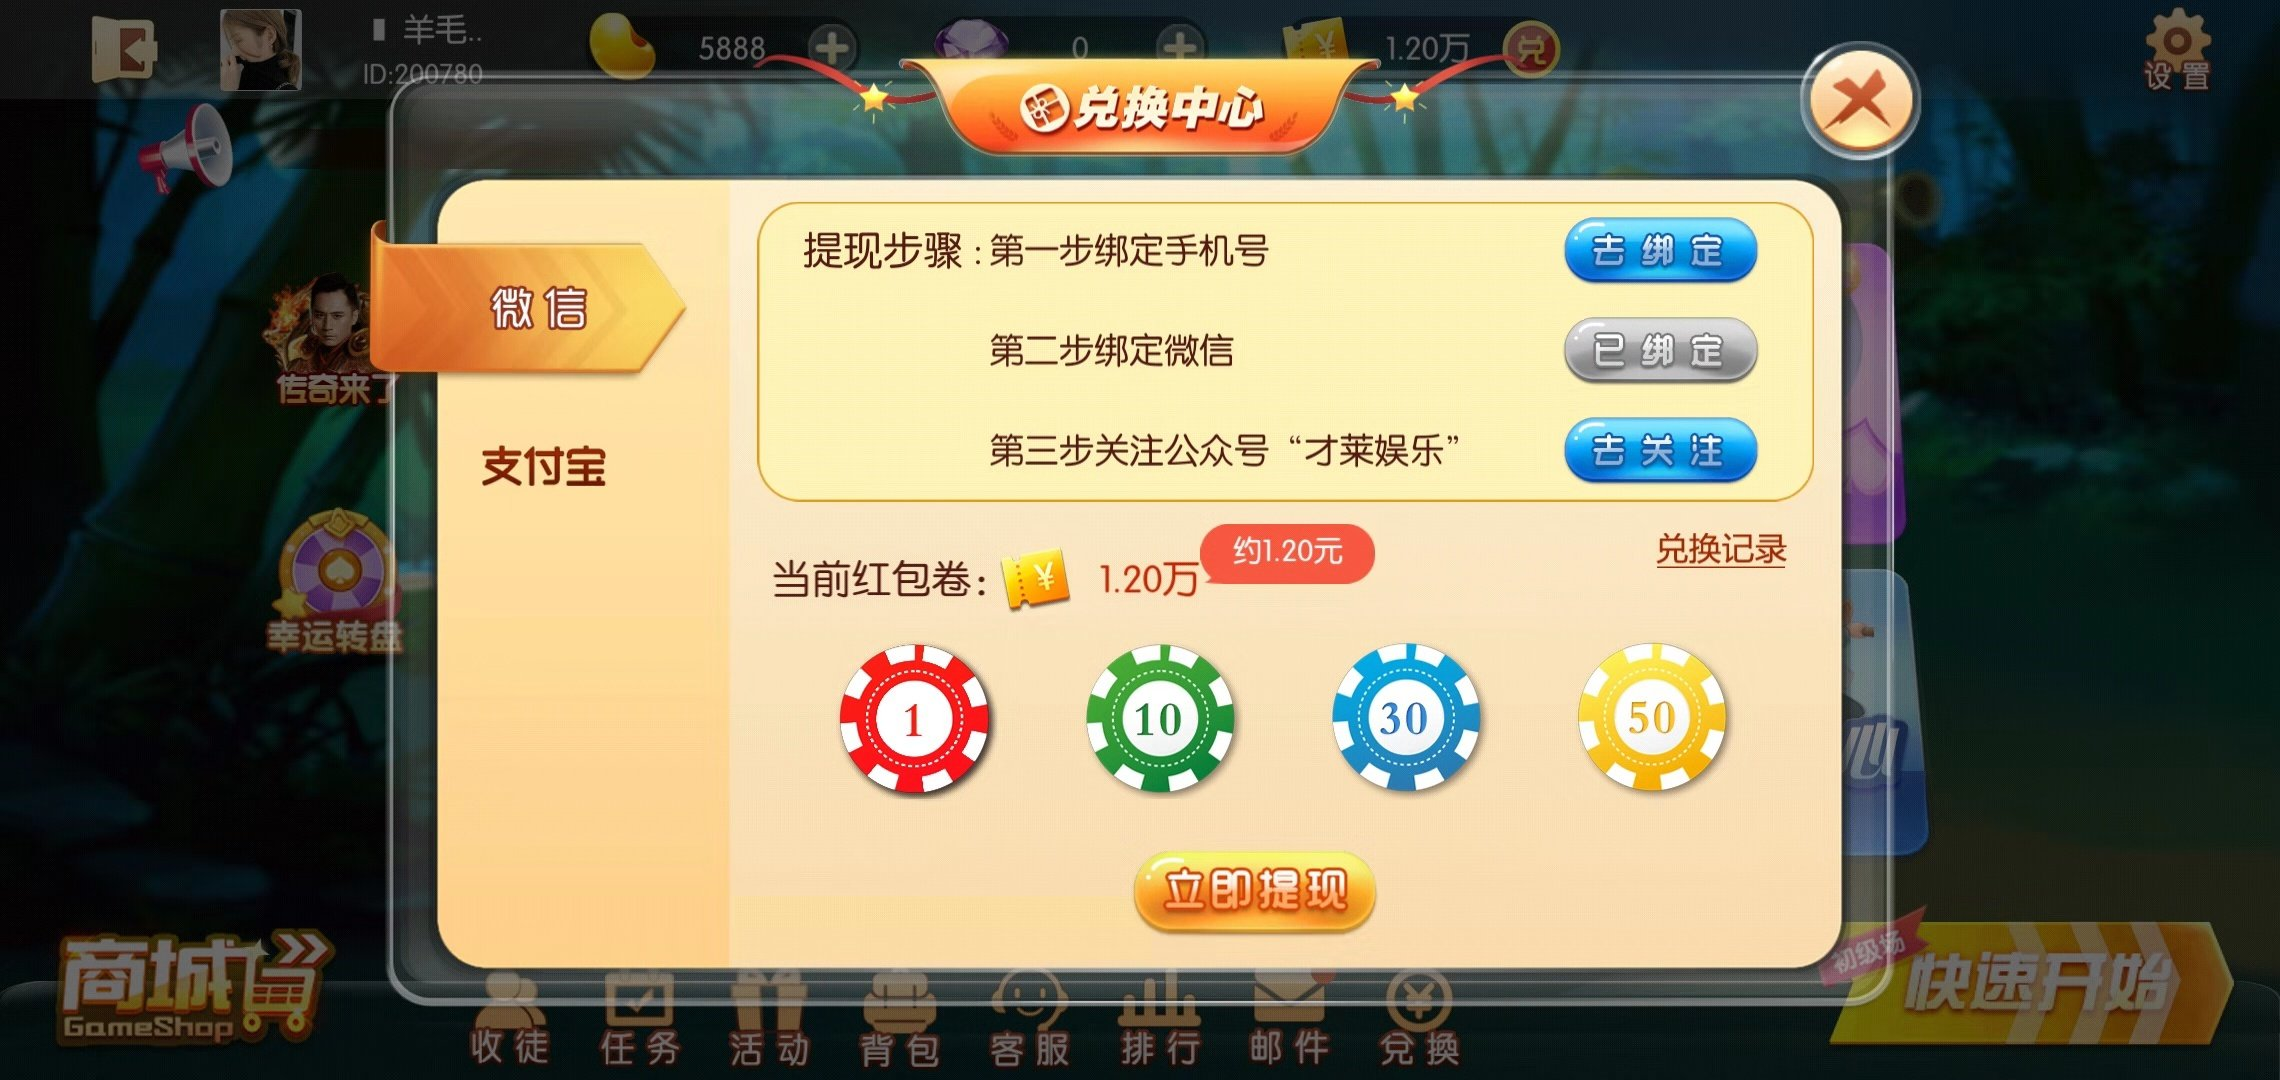 手机斗地主游戏赚钱,财来娱乐赚金版app 薅羊毛 第3张